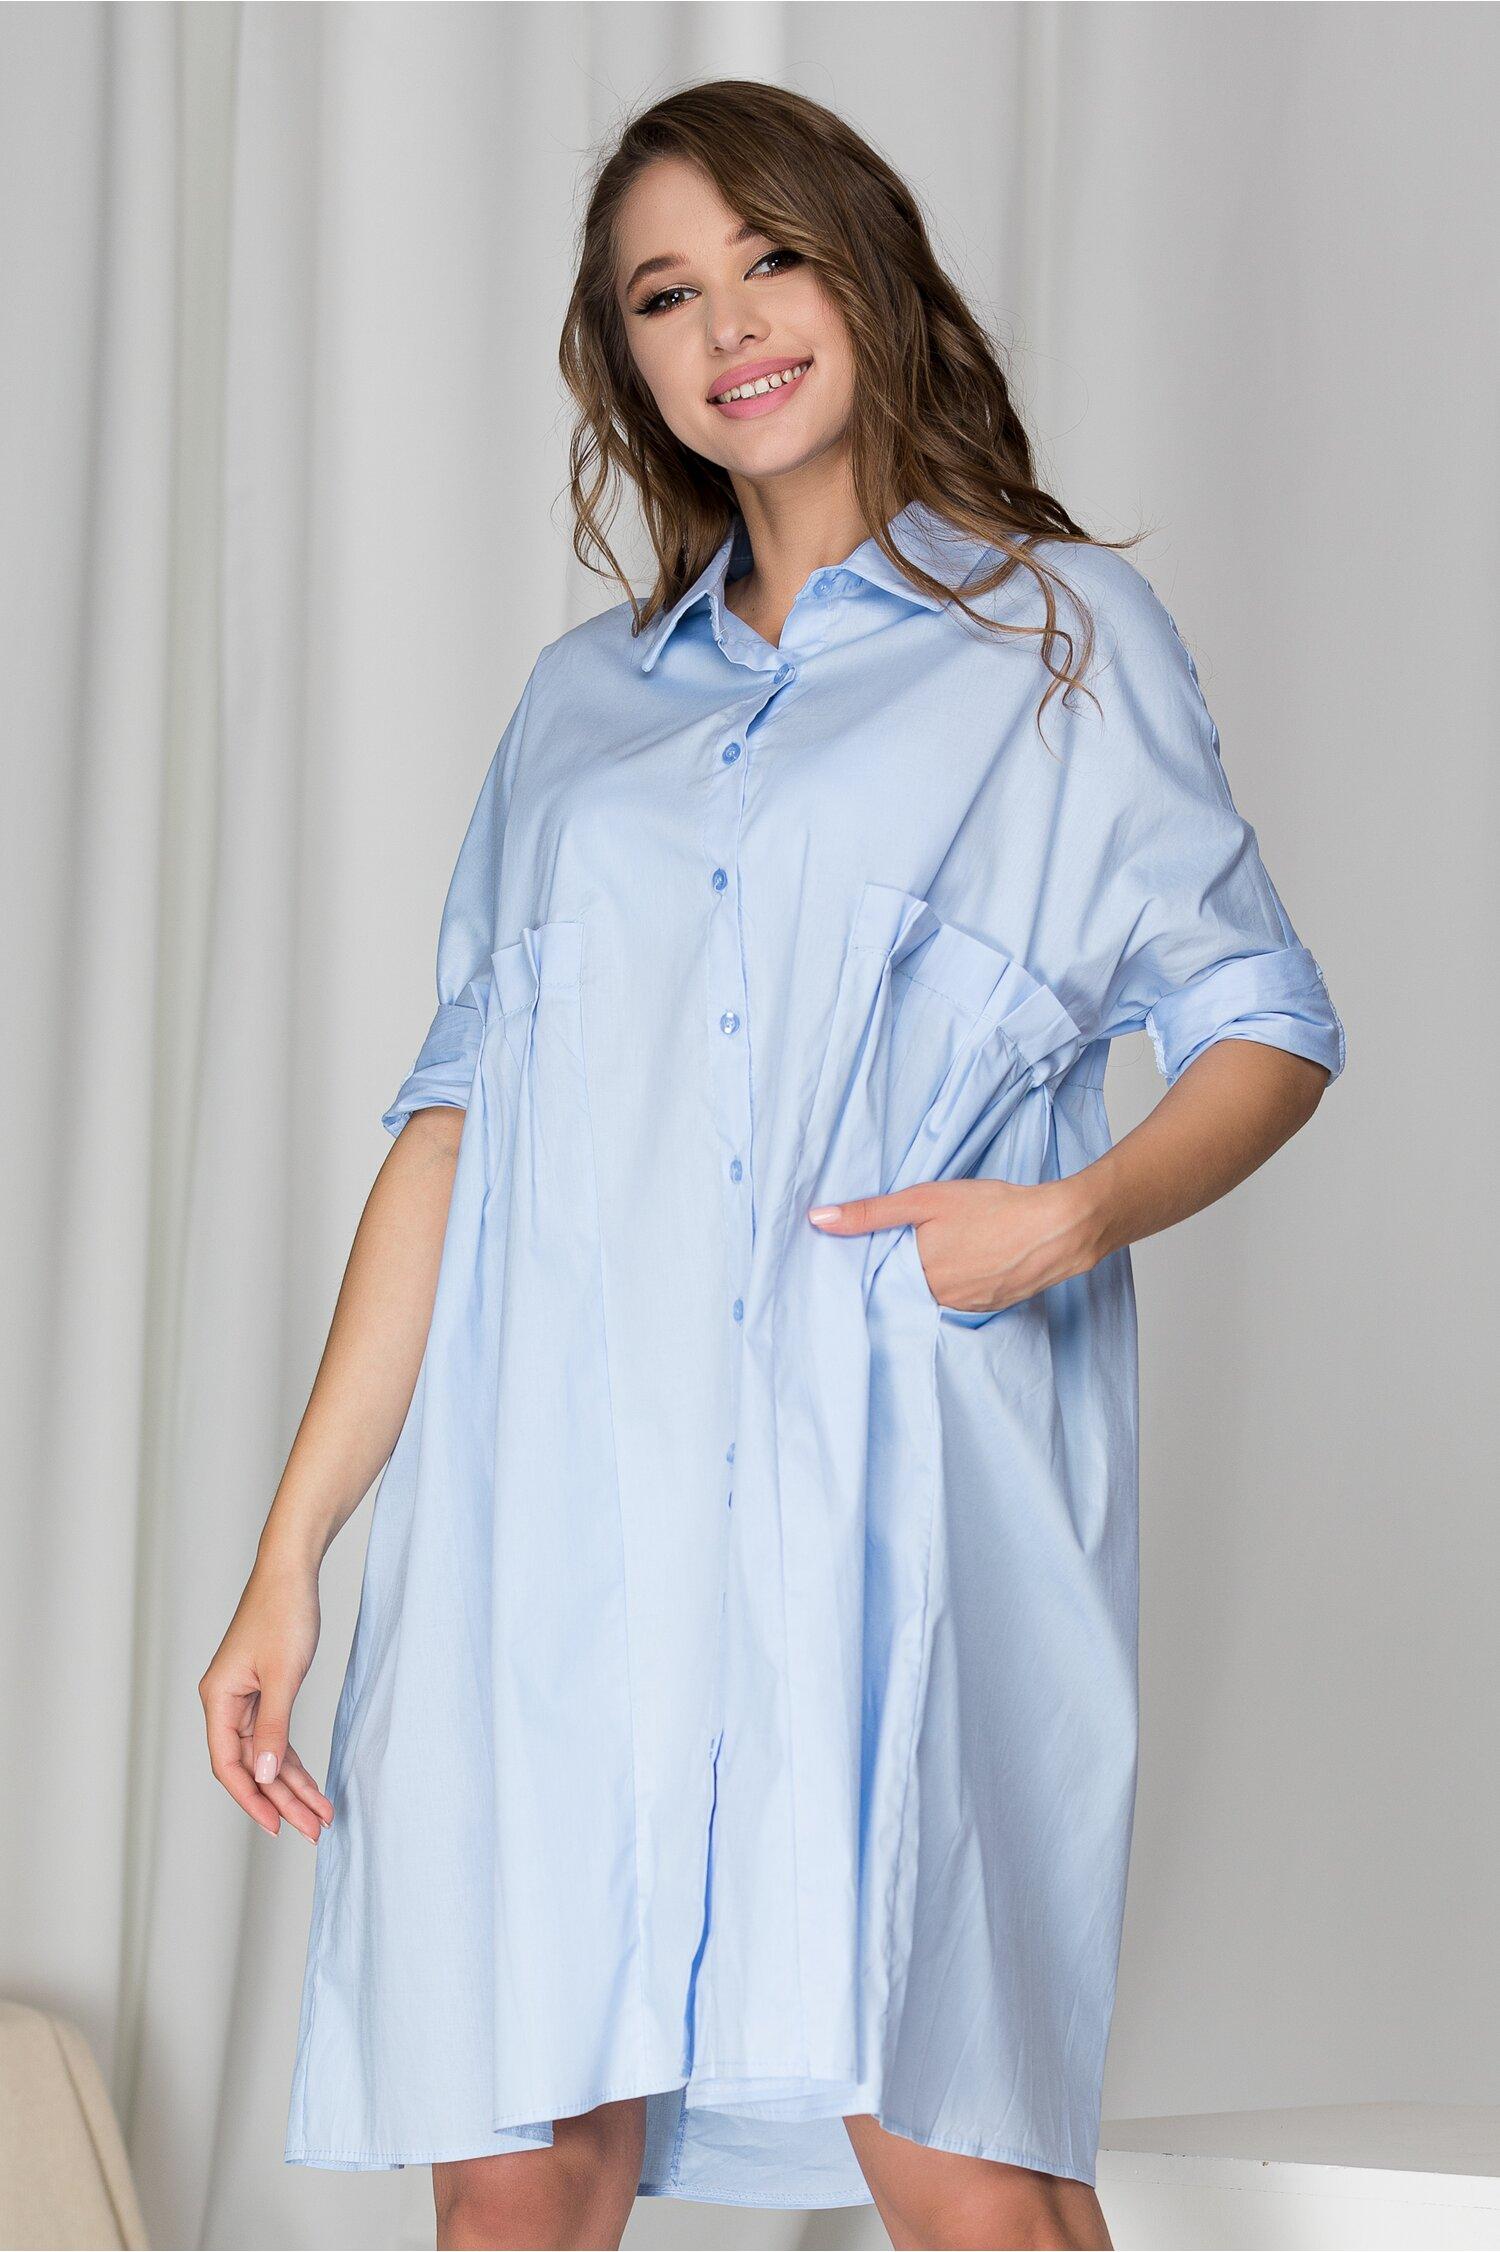 Rochie tip camasa Tania bleu cu pliuri din zona bustului